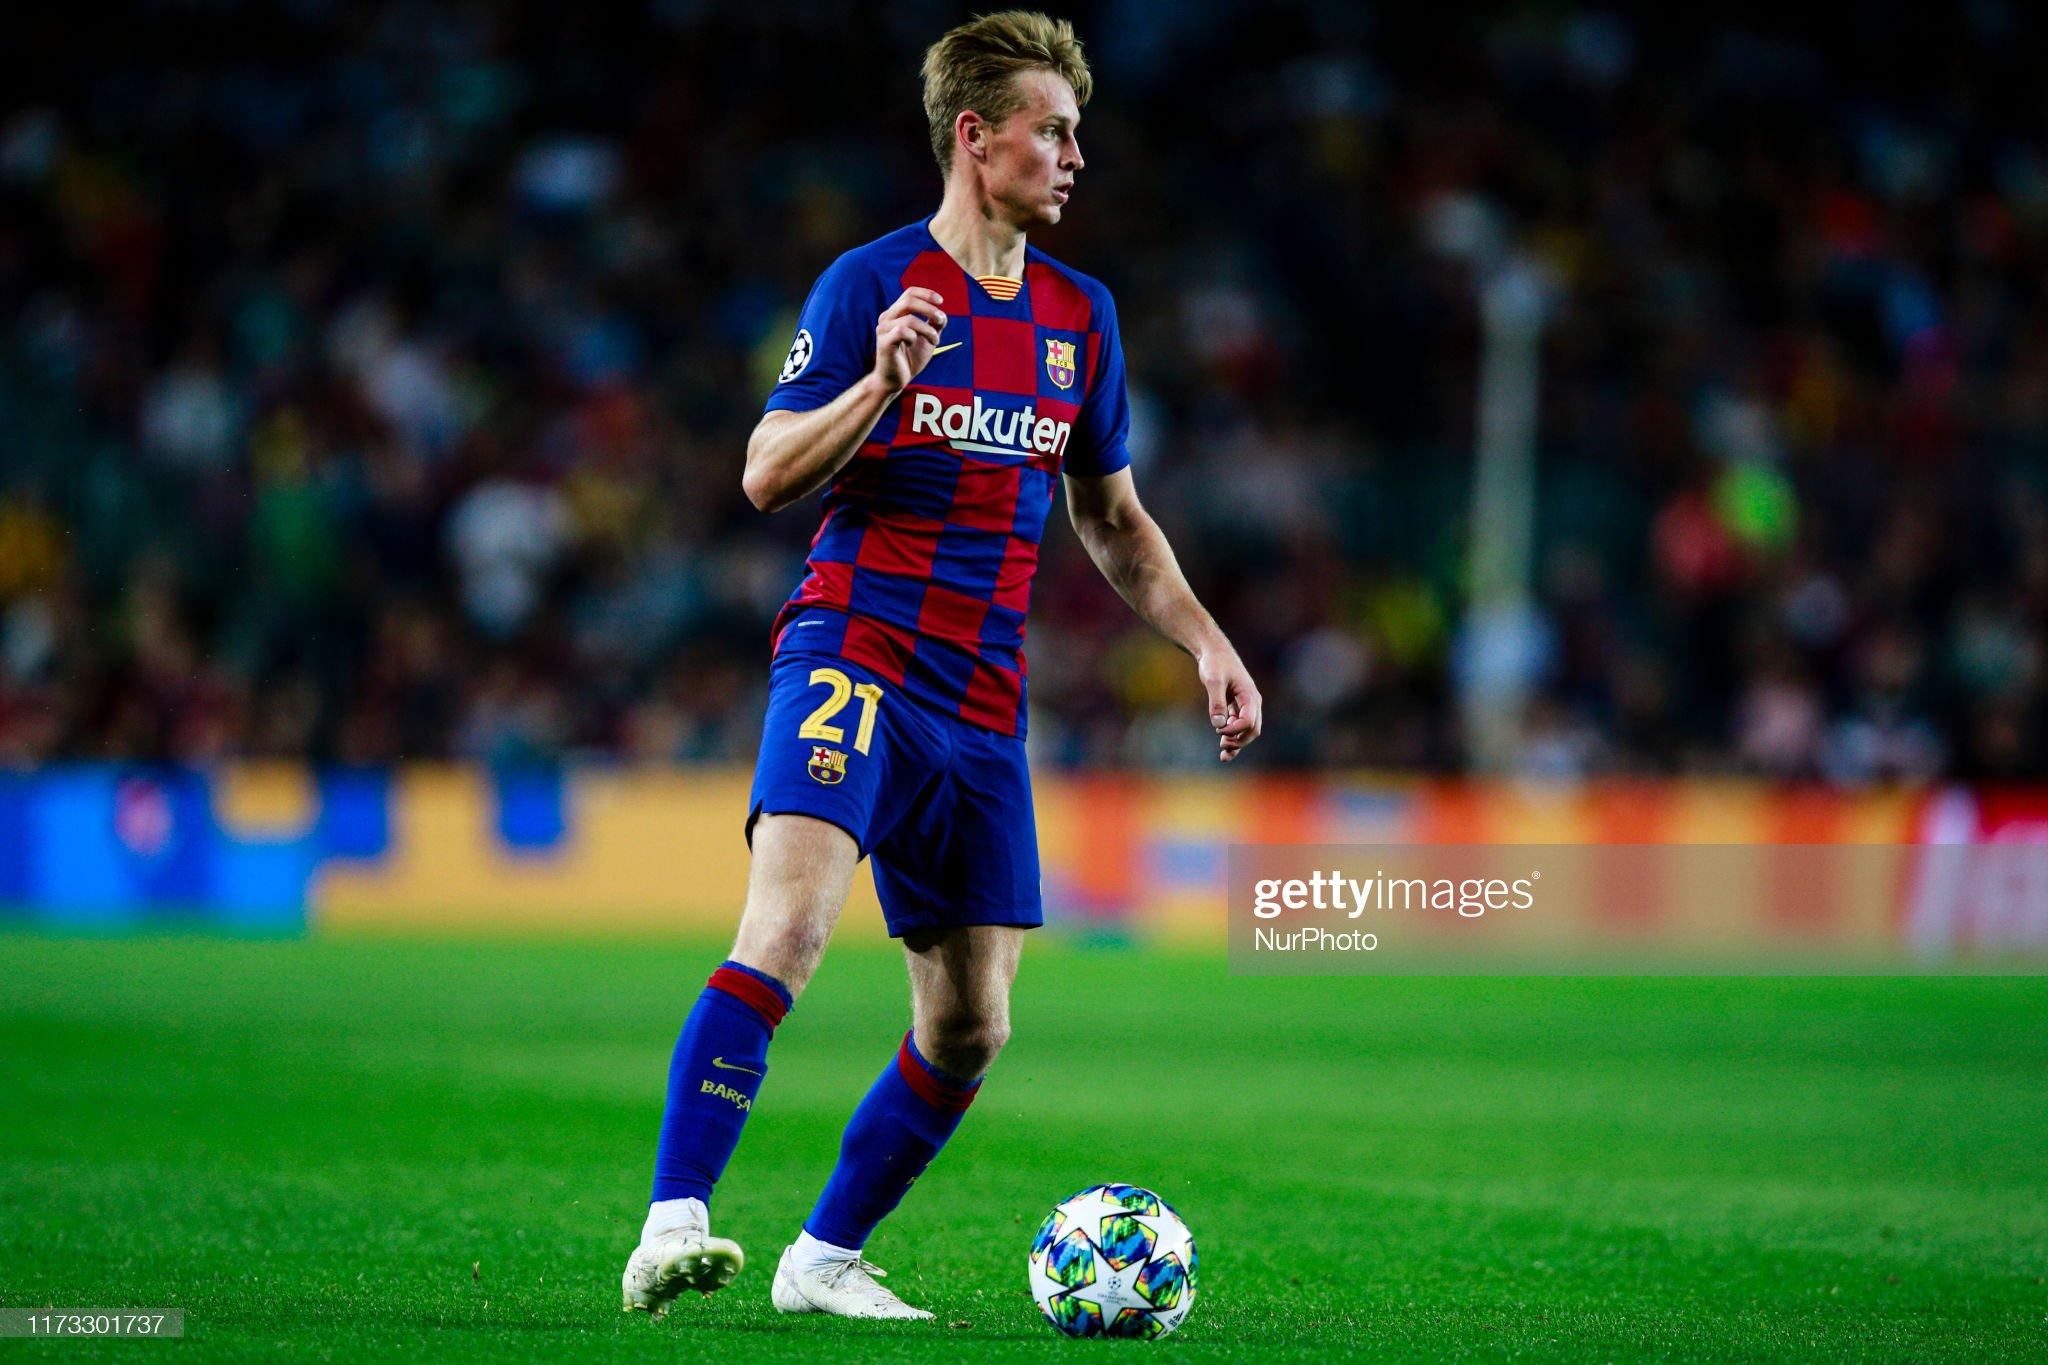 صور مباراة : برشلونة - إنتر 2-1 ( 02-10-2019 )  Frenkie-de-jong-from-holland-of-fc-barcelona-during-the-uefa-league-picture-id1173301737?s=2048x2048